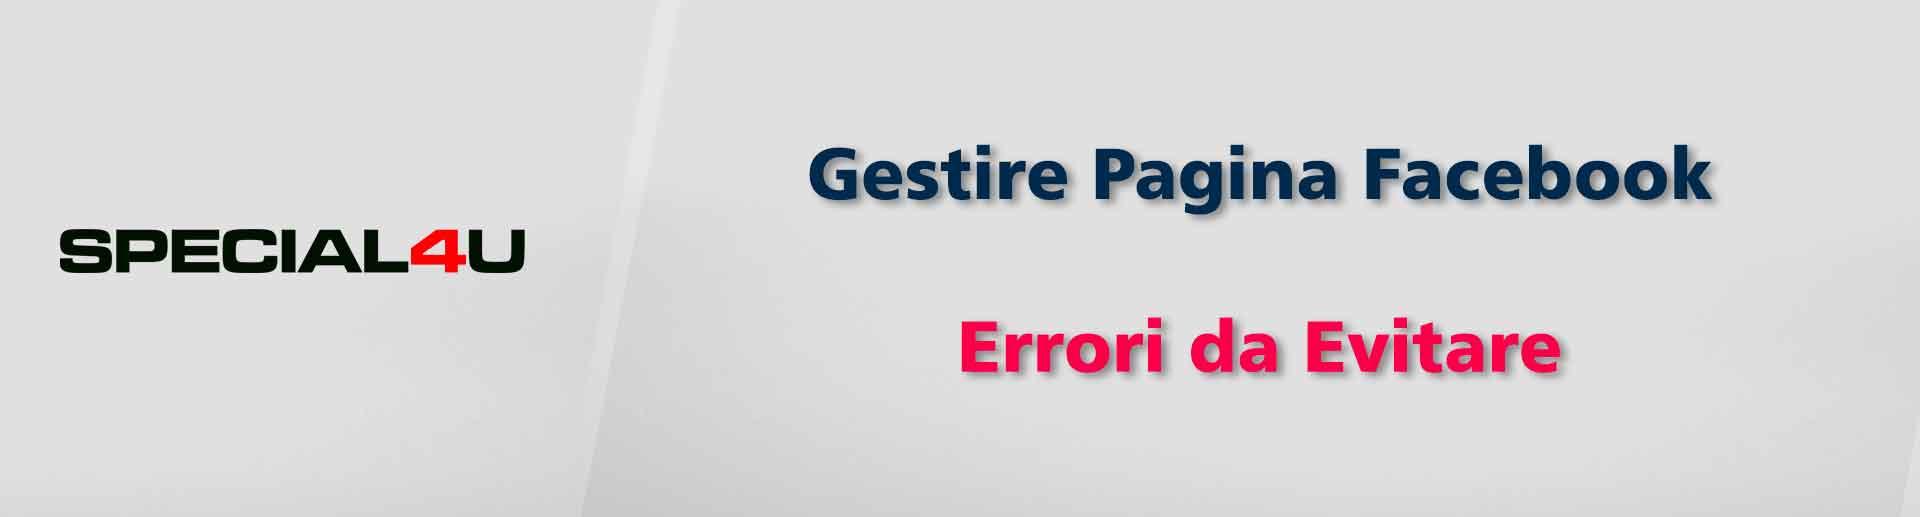 Gestire Pagina Facebook Errori da Evitare